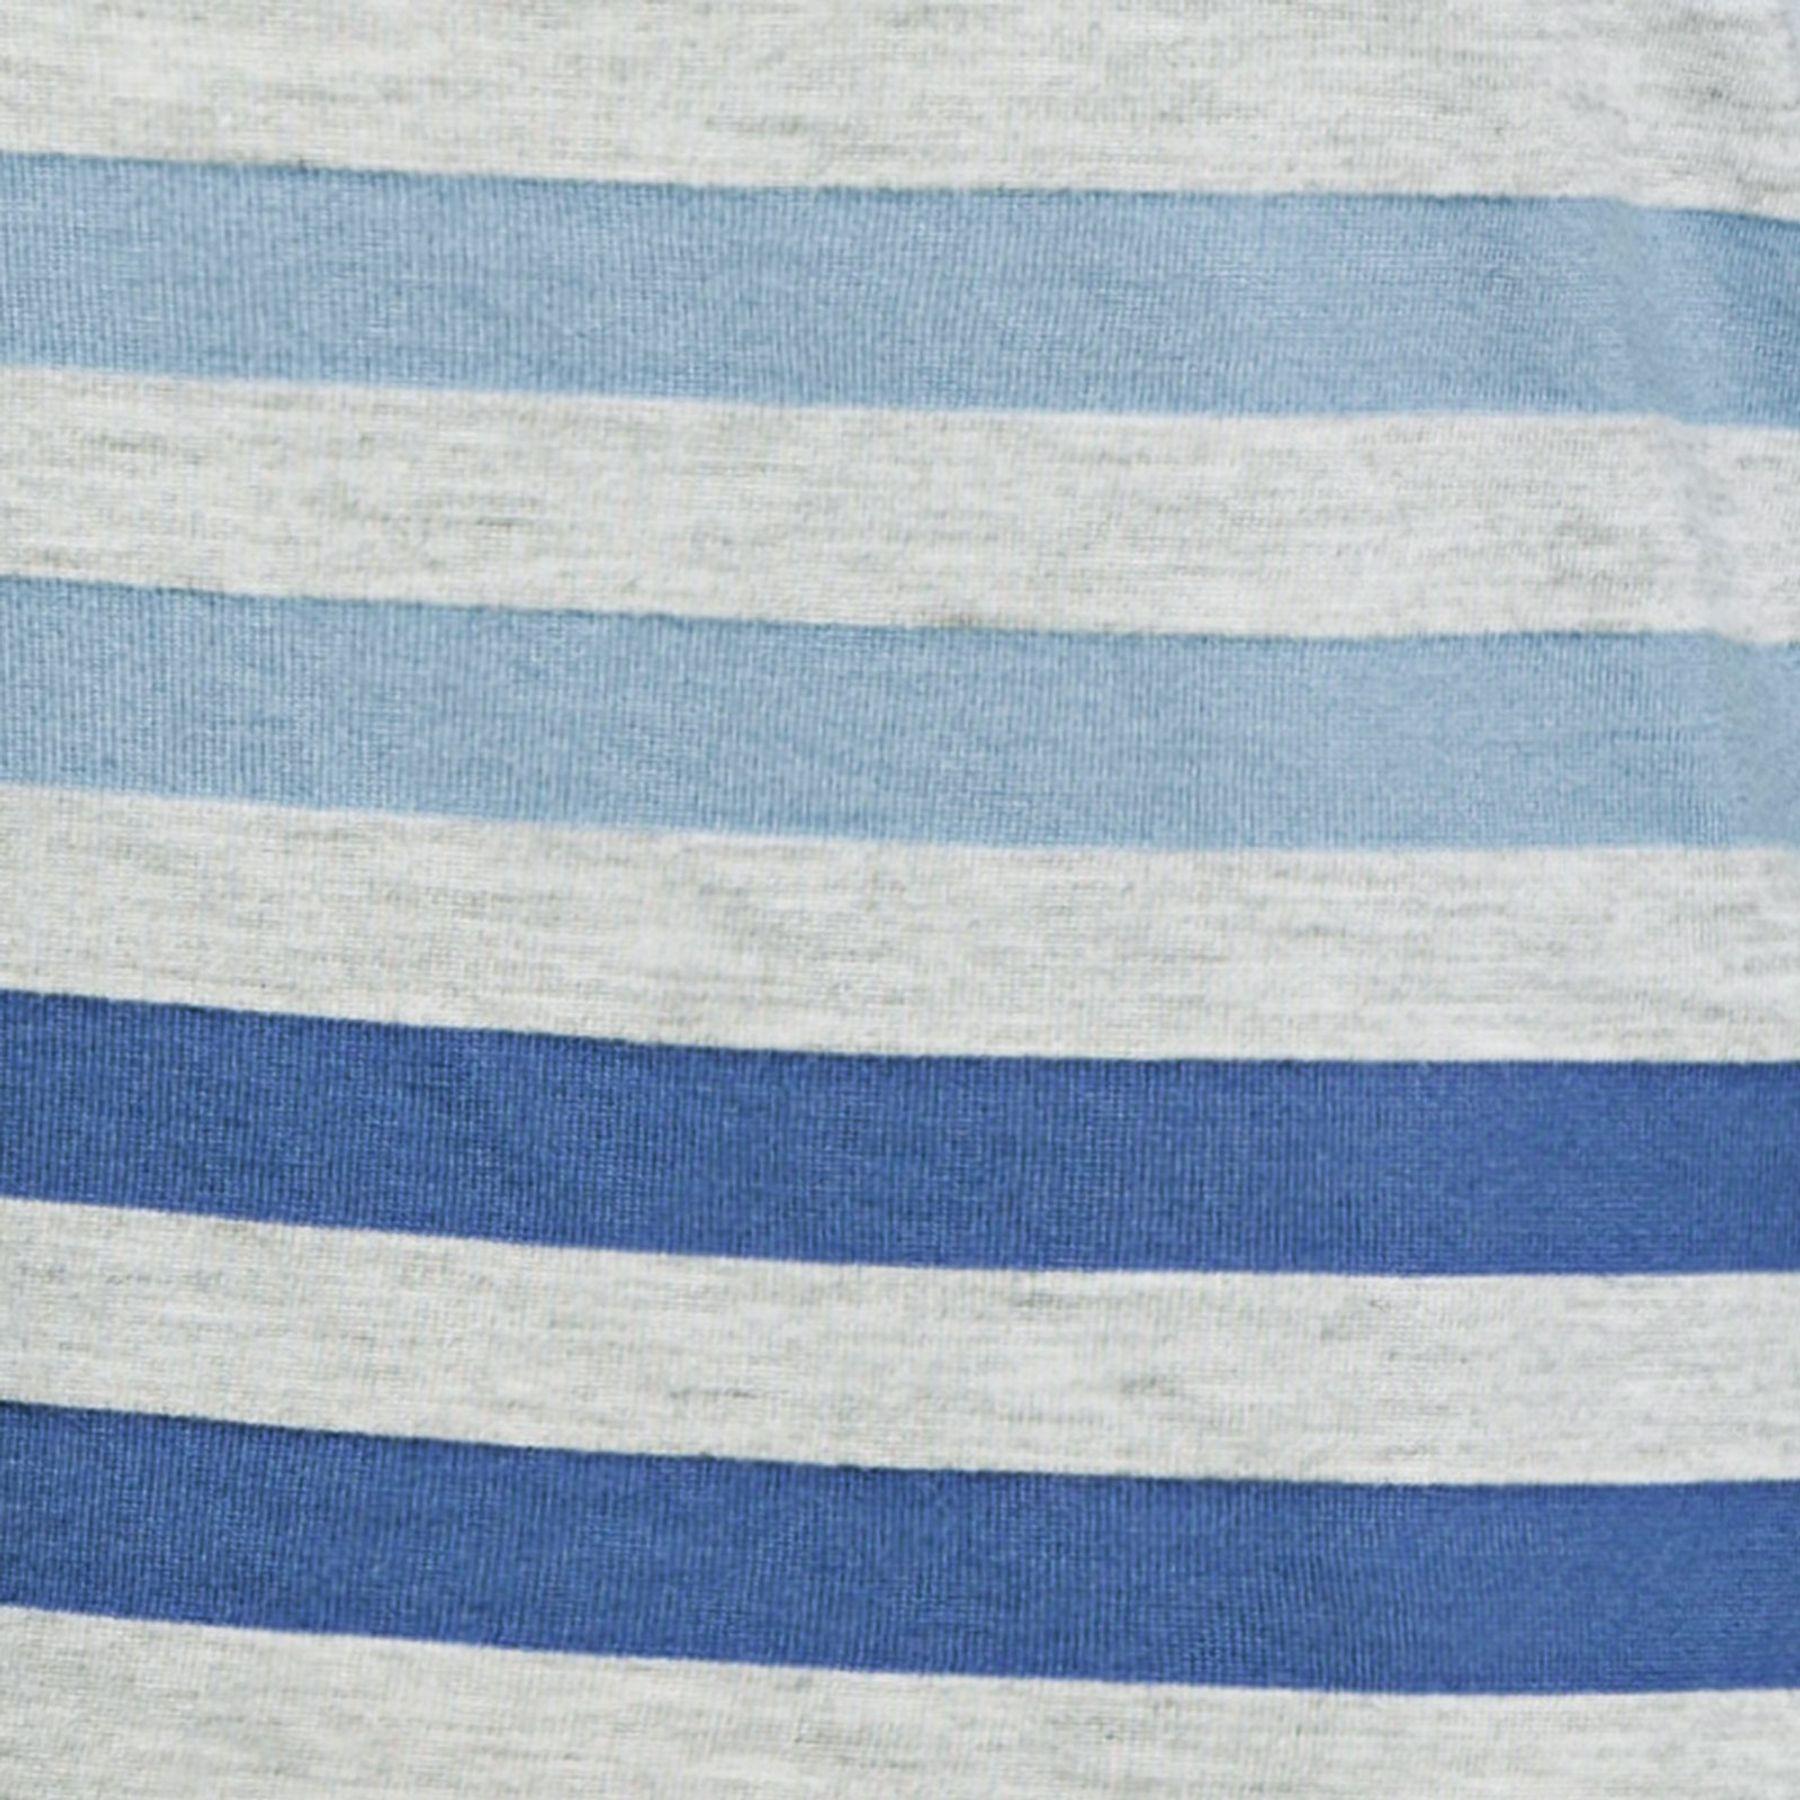 Joy - Damen Sport und Freizeit Shirt in verschiedenen Farbvarianten, Anja (30208) – Bild 2